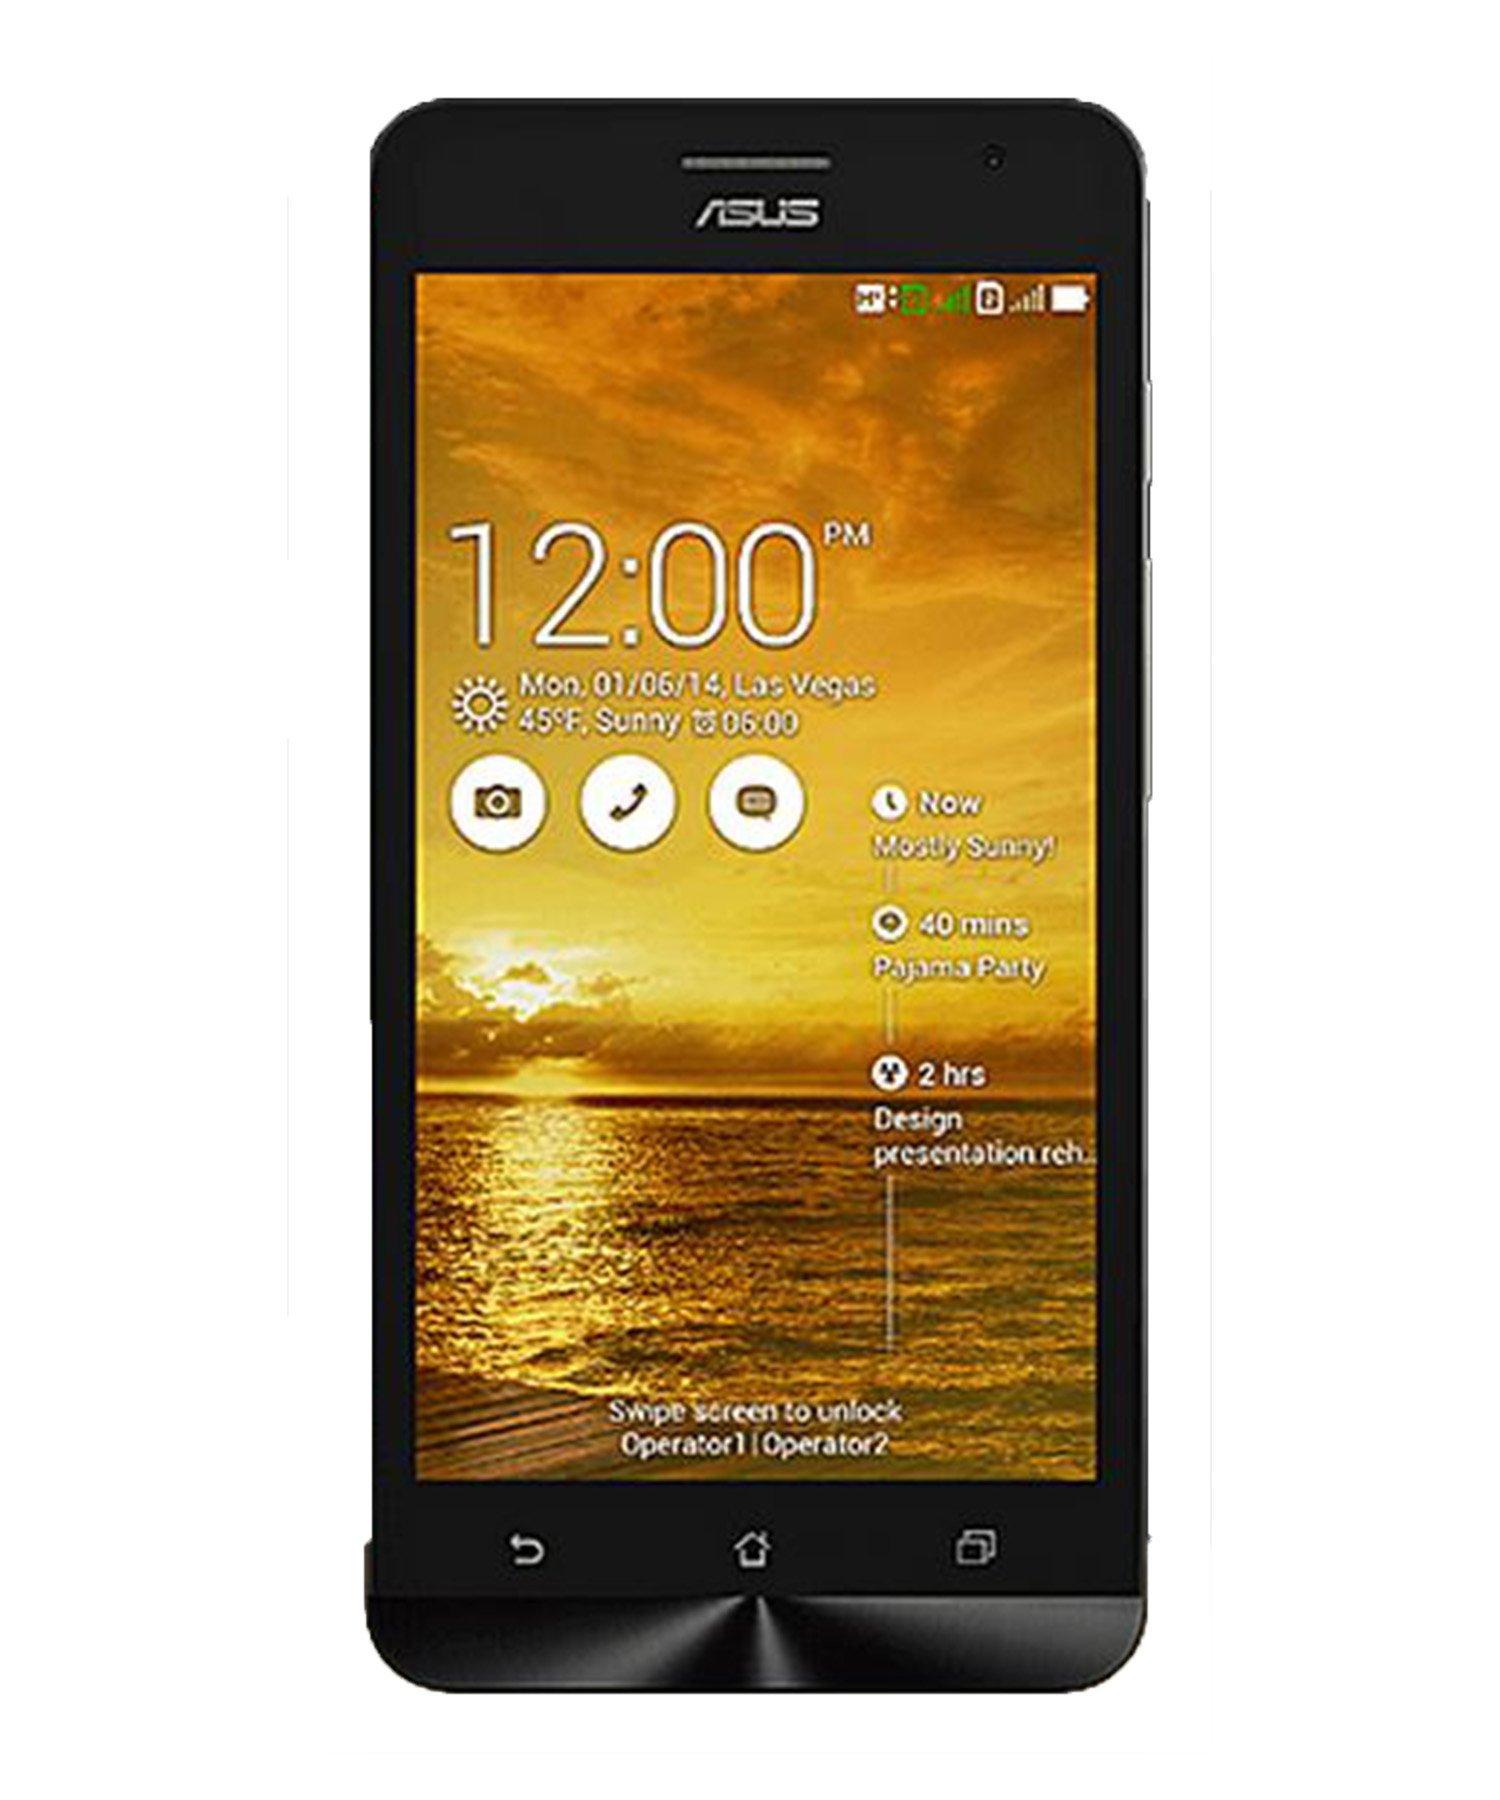 головорезы-якудза фактически смартфоны асус каталог с ценами фото обзорами всегда очень